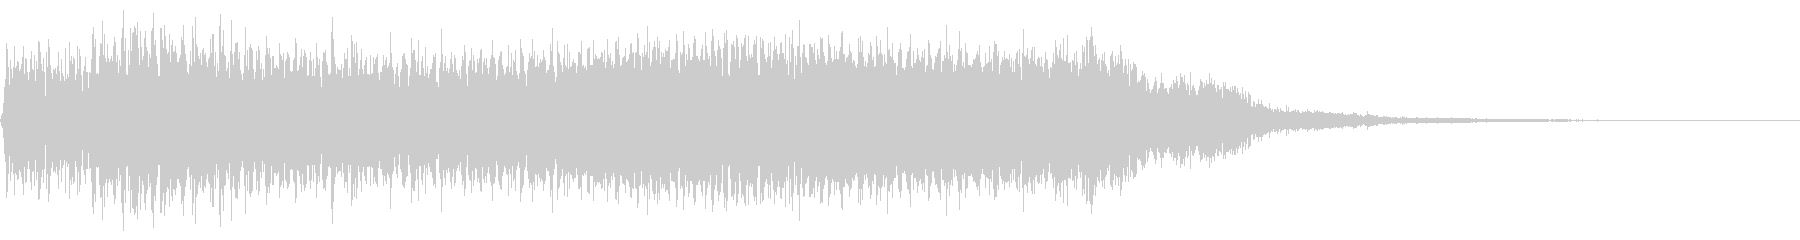 FlyBys EC07_20_1の未再生の波形